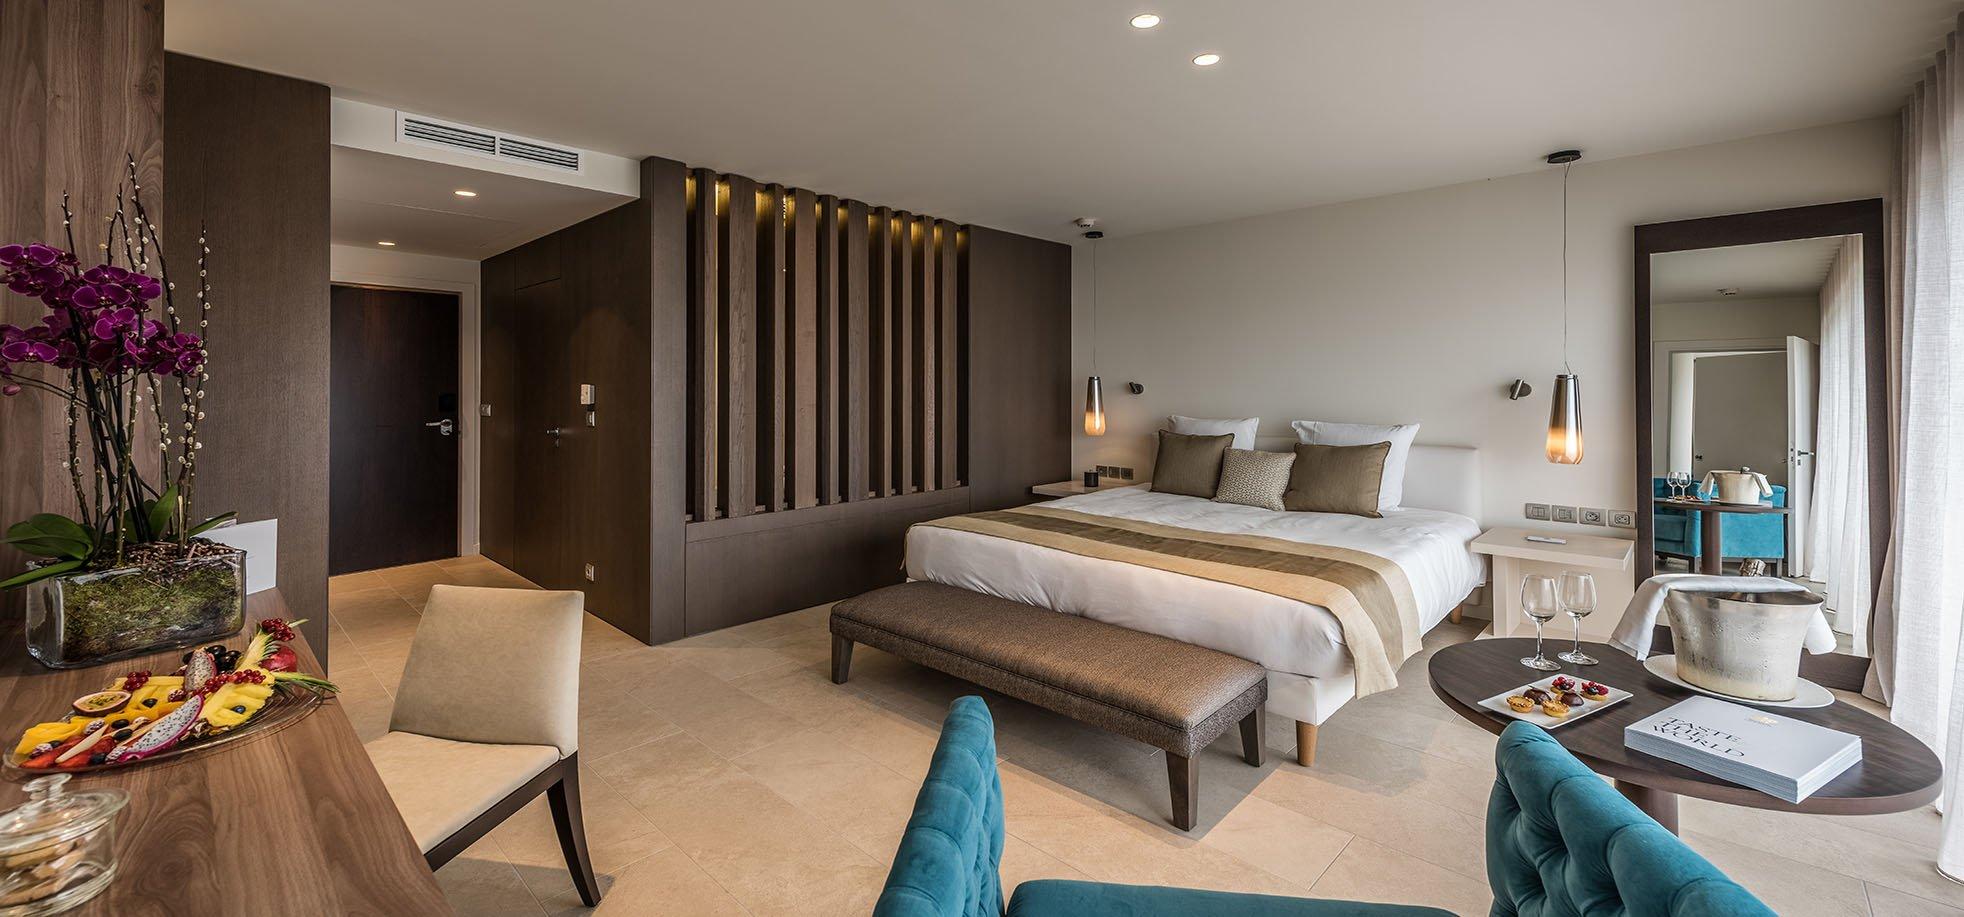 Deluxe-Room-cap-antibes-hotel